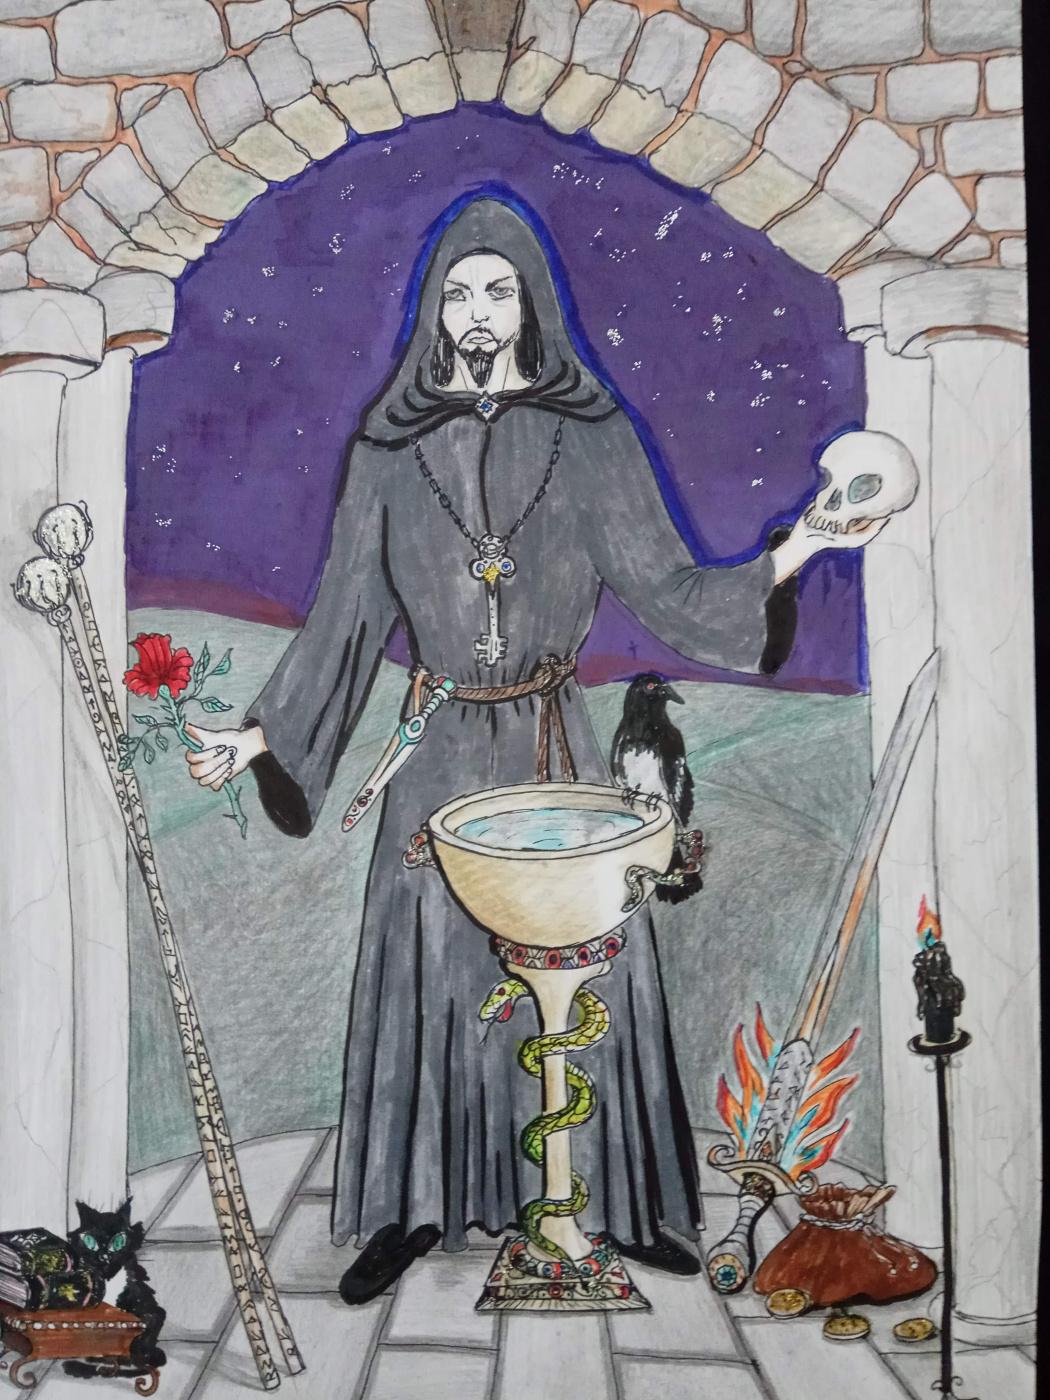 Nadin. Magician